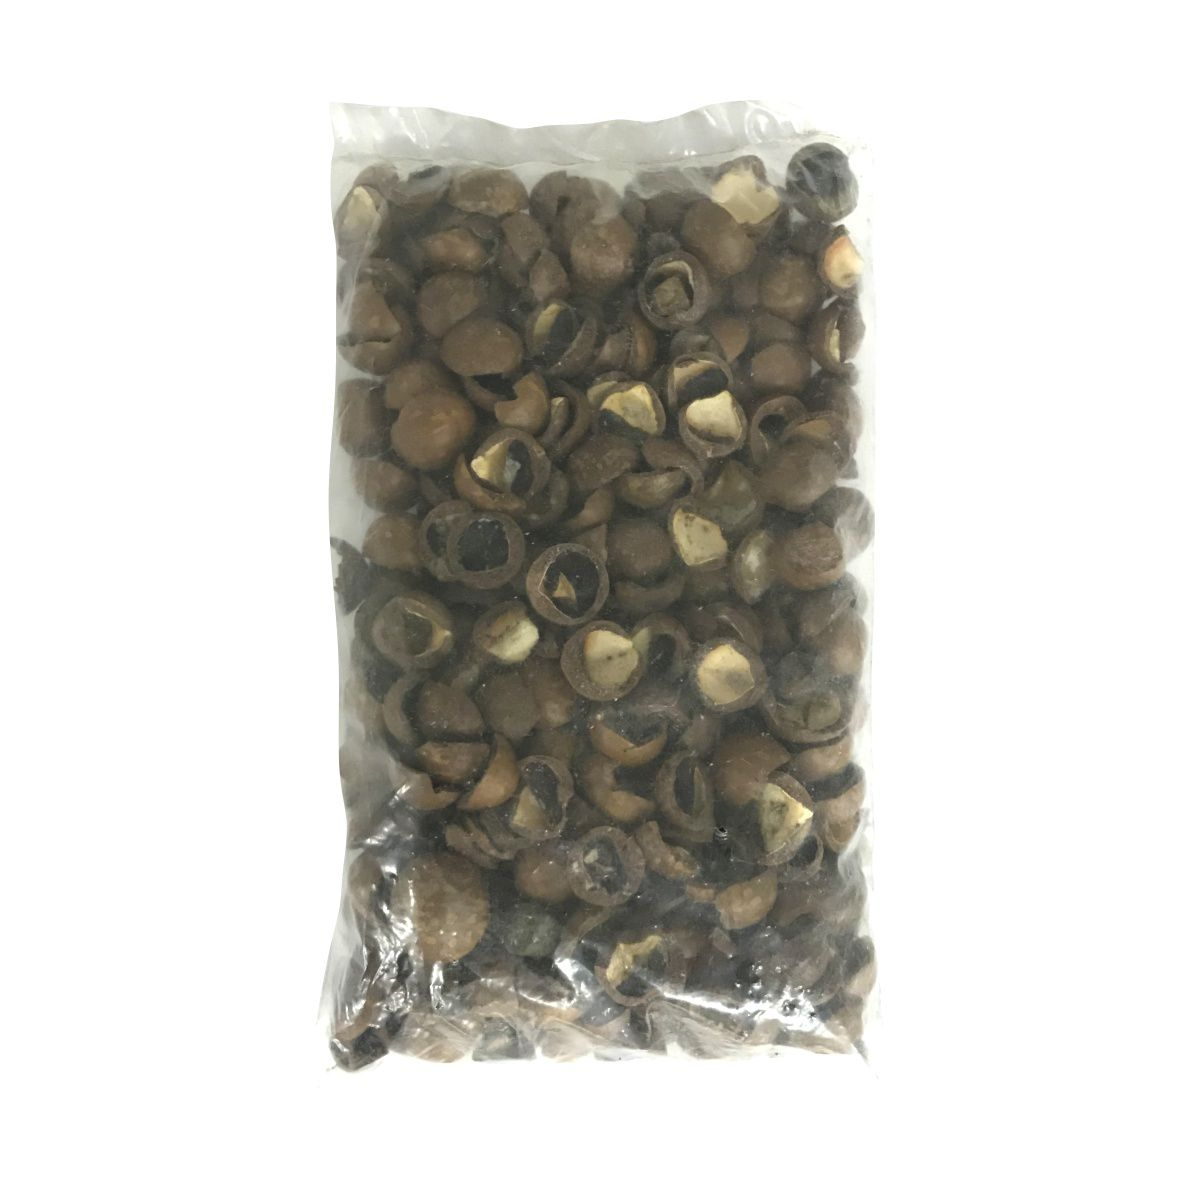 Casca de Macadâmia pacote com 1 litro